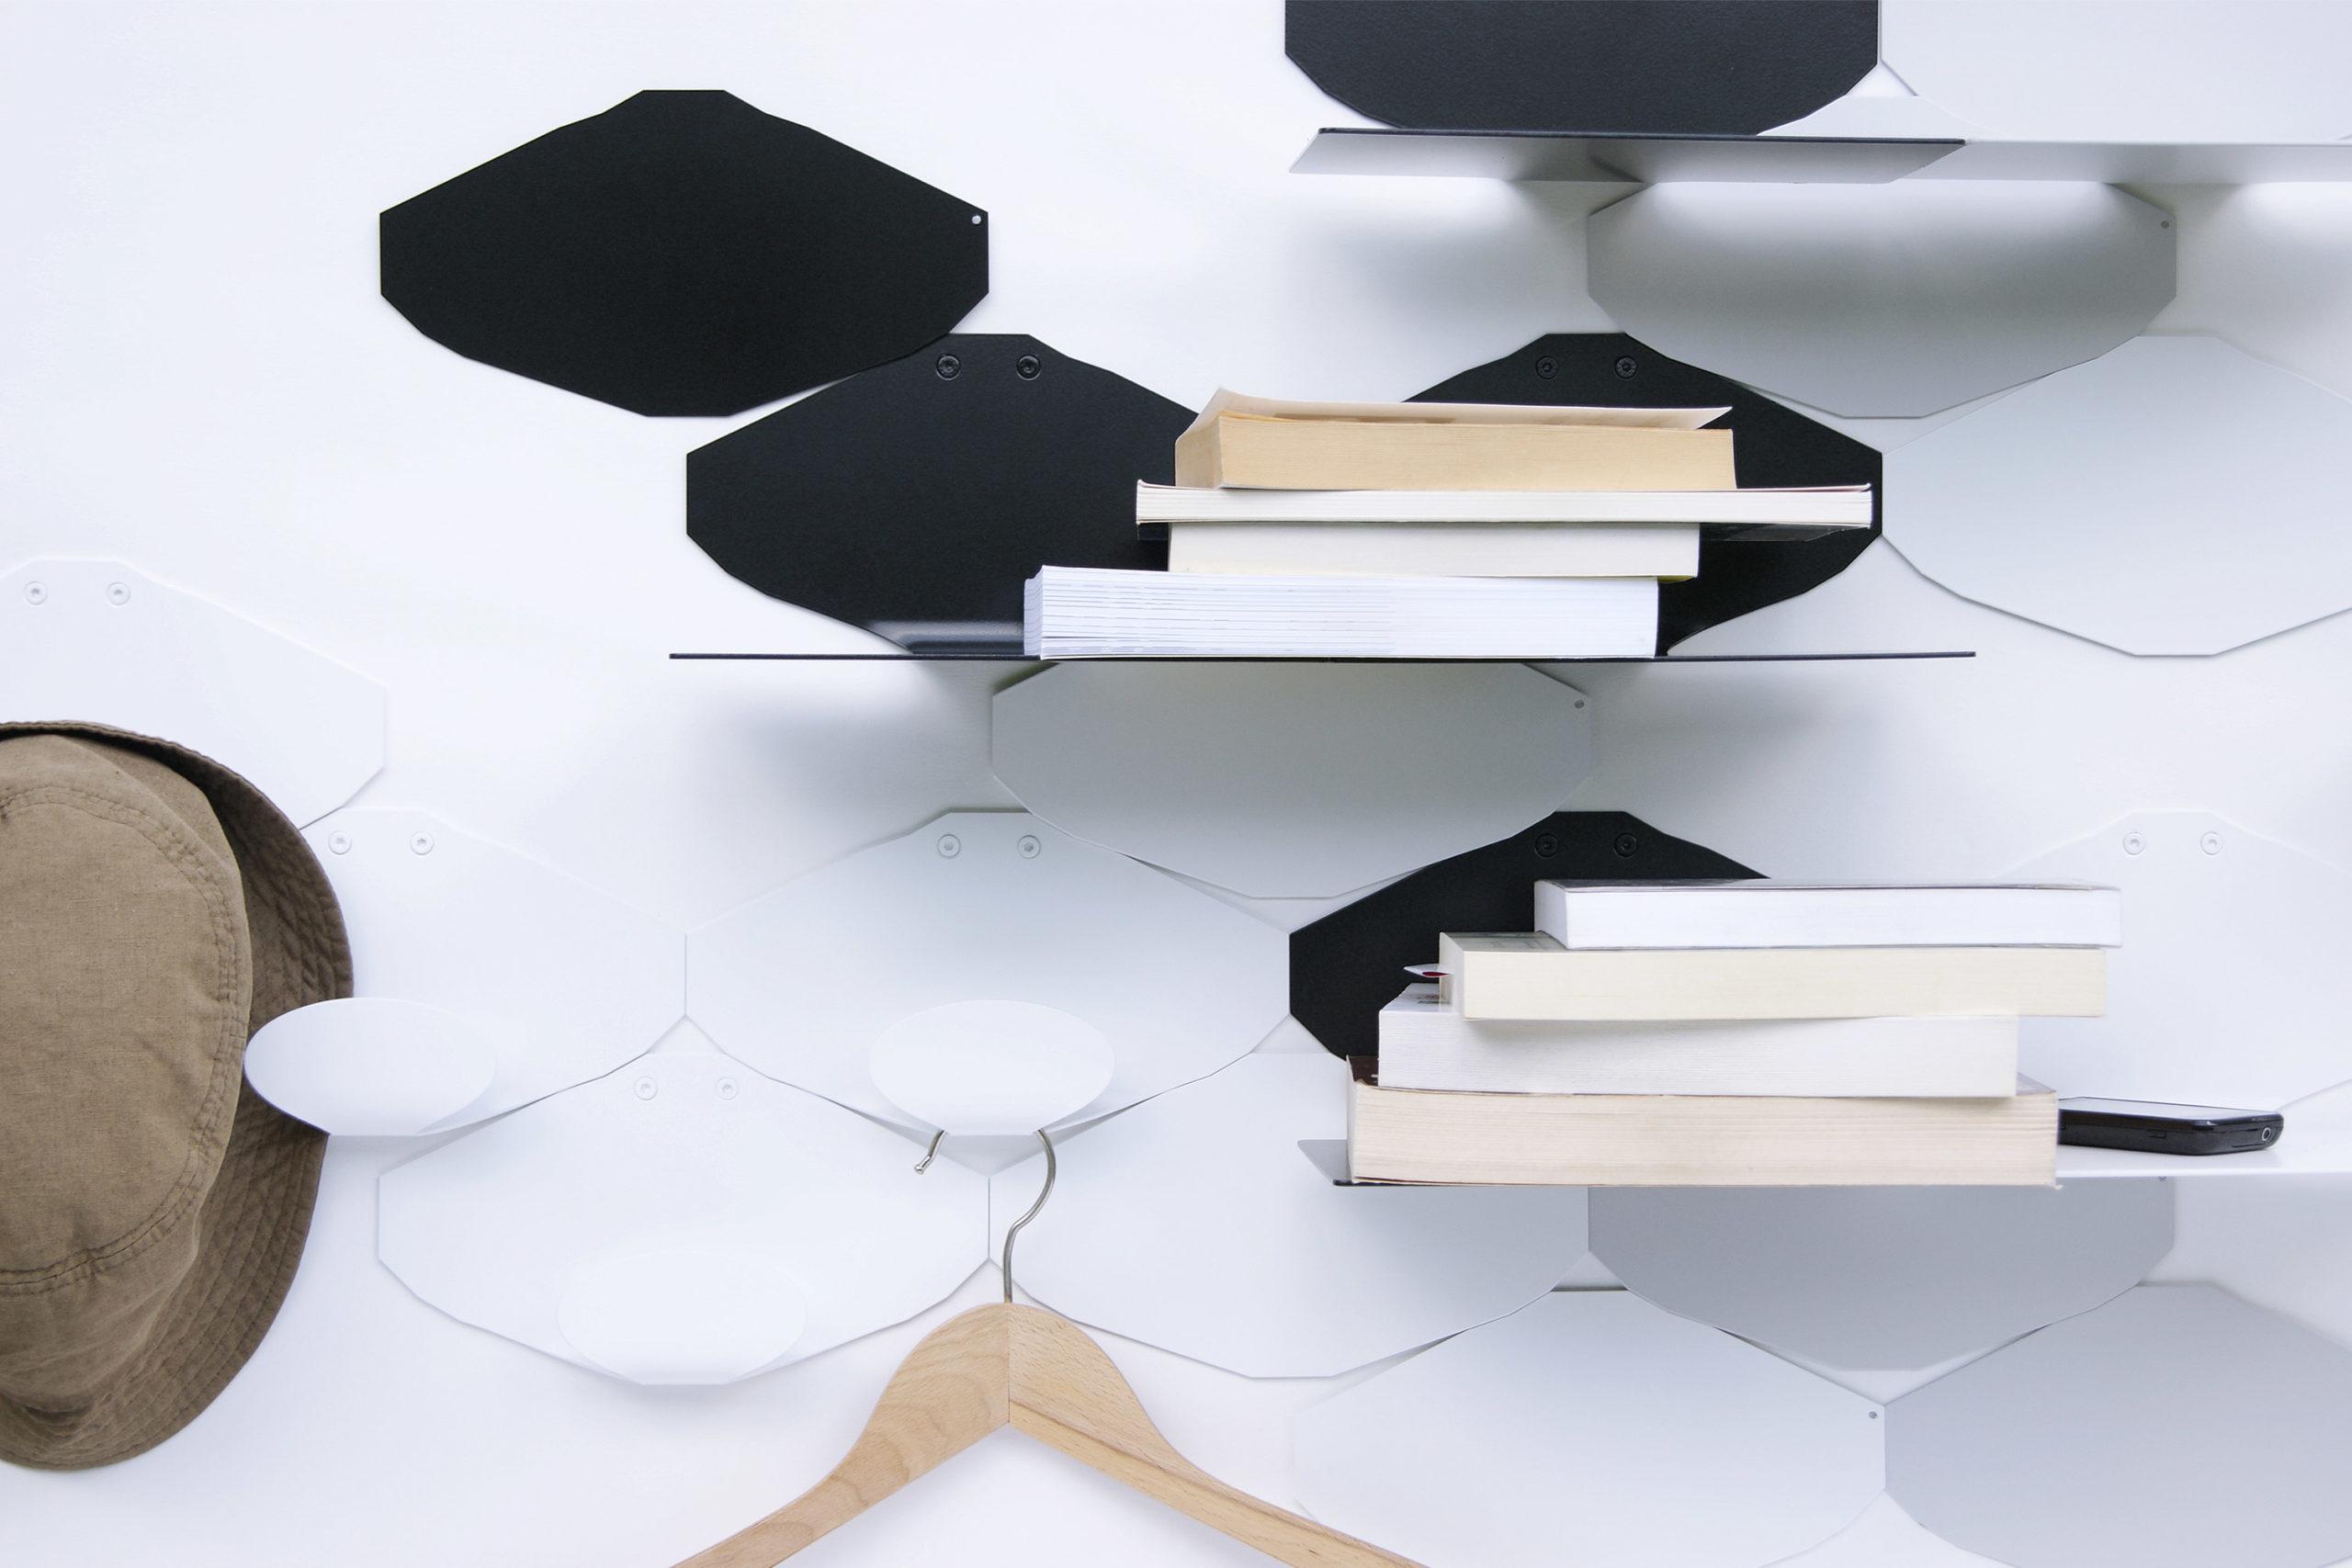 patère design graphique minimaliste en métal acier laqué coloris noir blanc gris